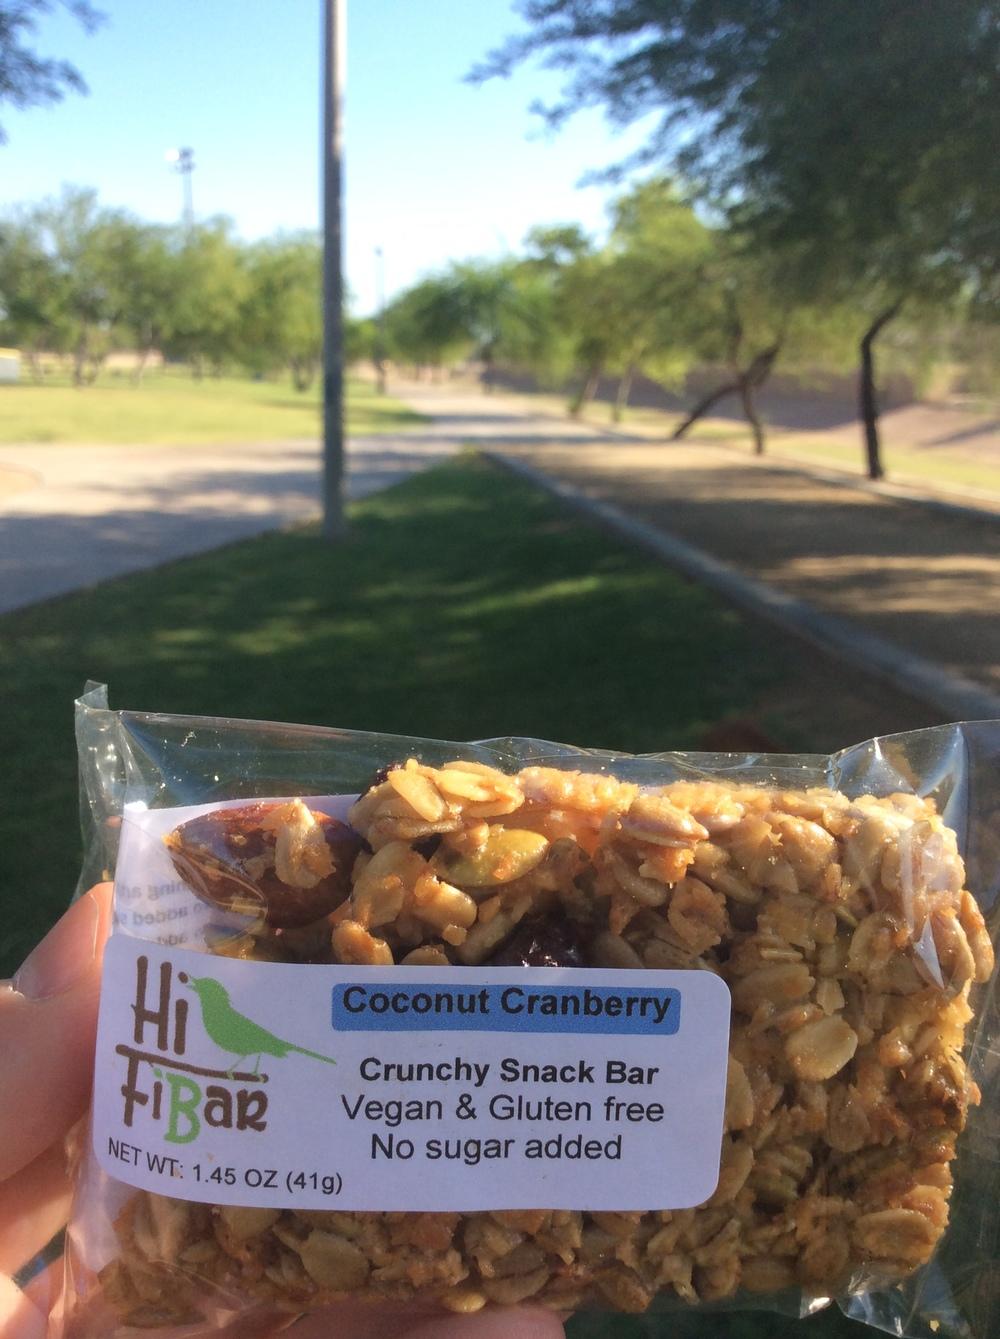 Hi-FiBar Coconut Cranberry Snack Bar (the original)-- fuel for the trail!